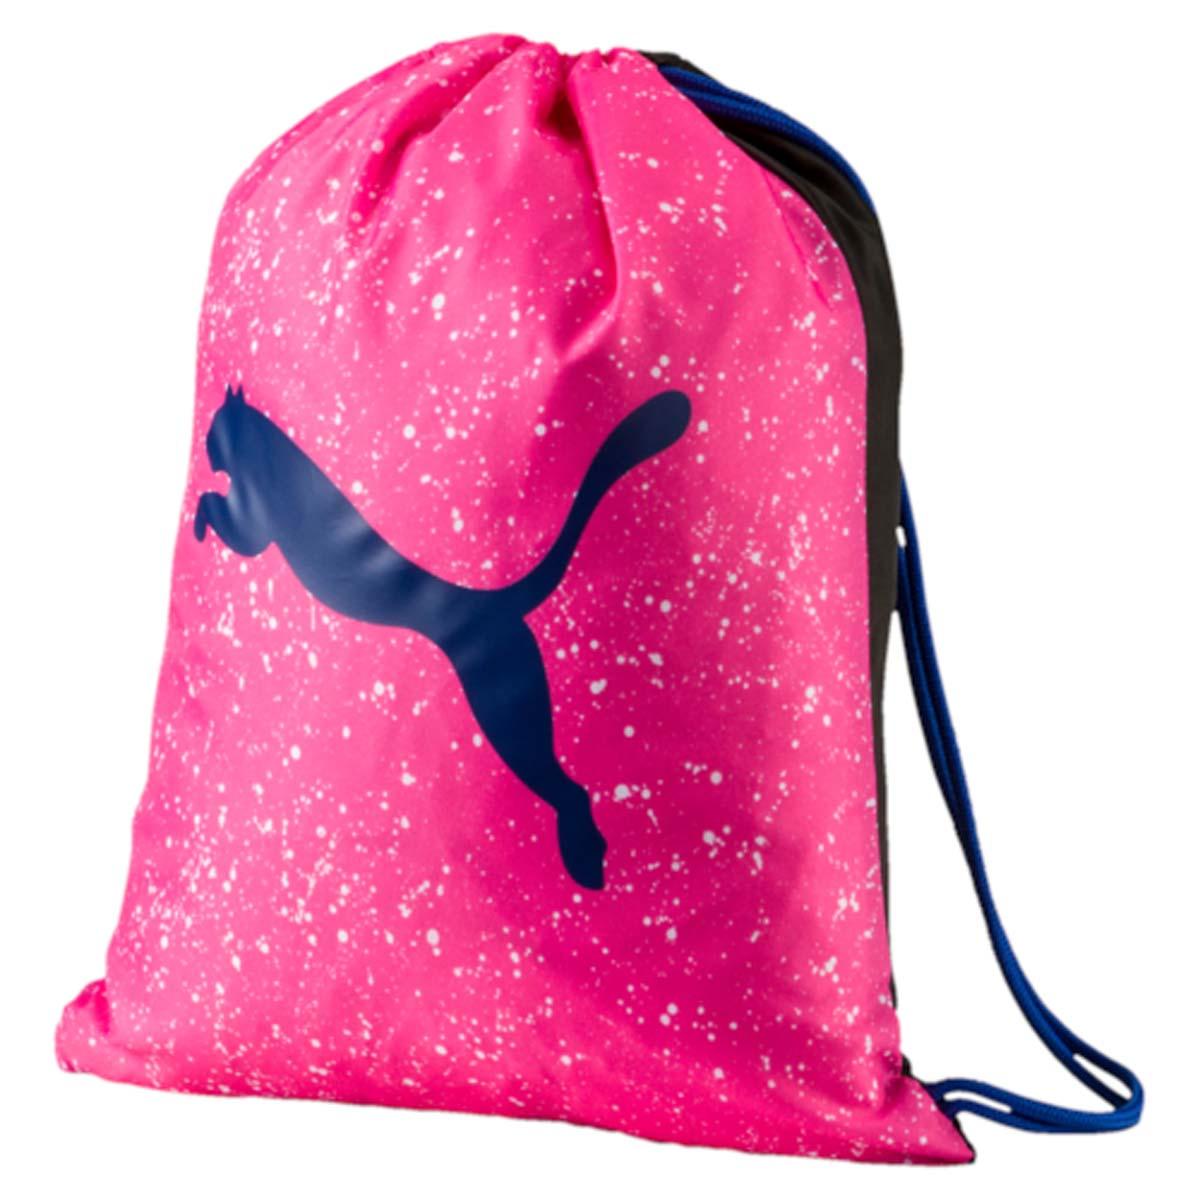 Рюкзак Puma Alpha Gym Sack, цвет: розовый. 0744070207440702Спортивный рюкзак Puma выполнен из текстиля. Модель с одним отделением на затягивающемся шнурке и тонких лямках.